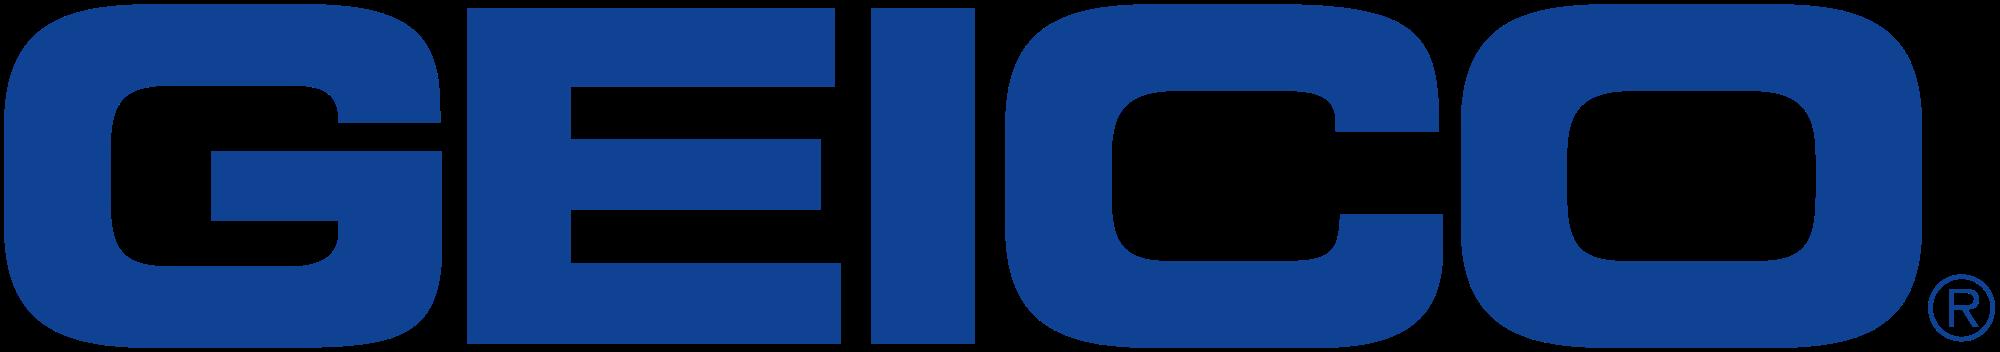 2000px-Geico_logo.svg